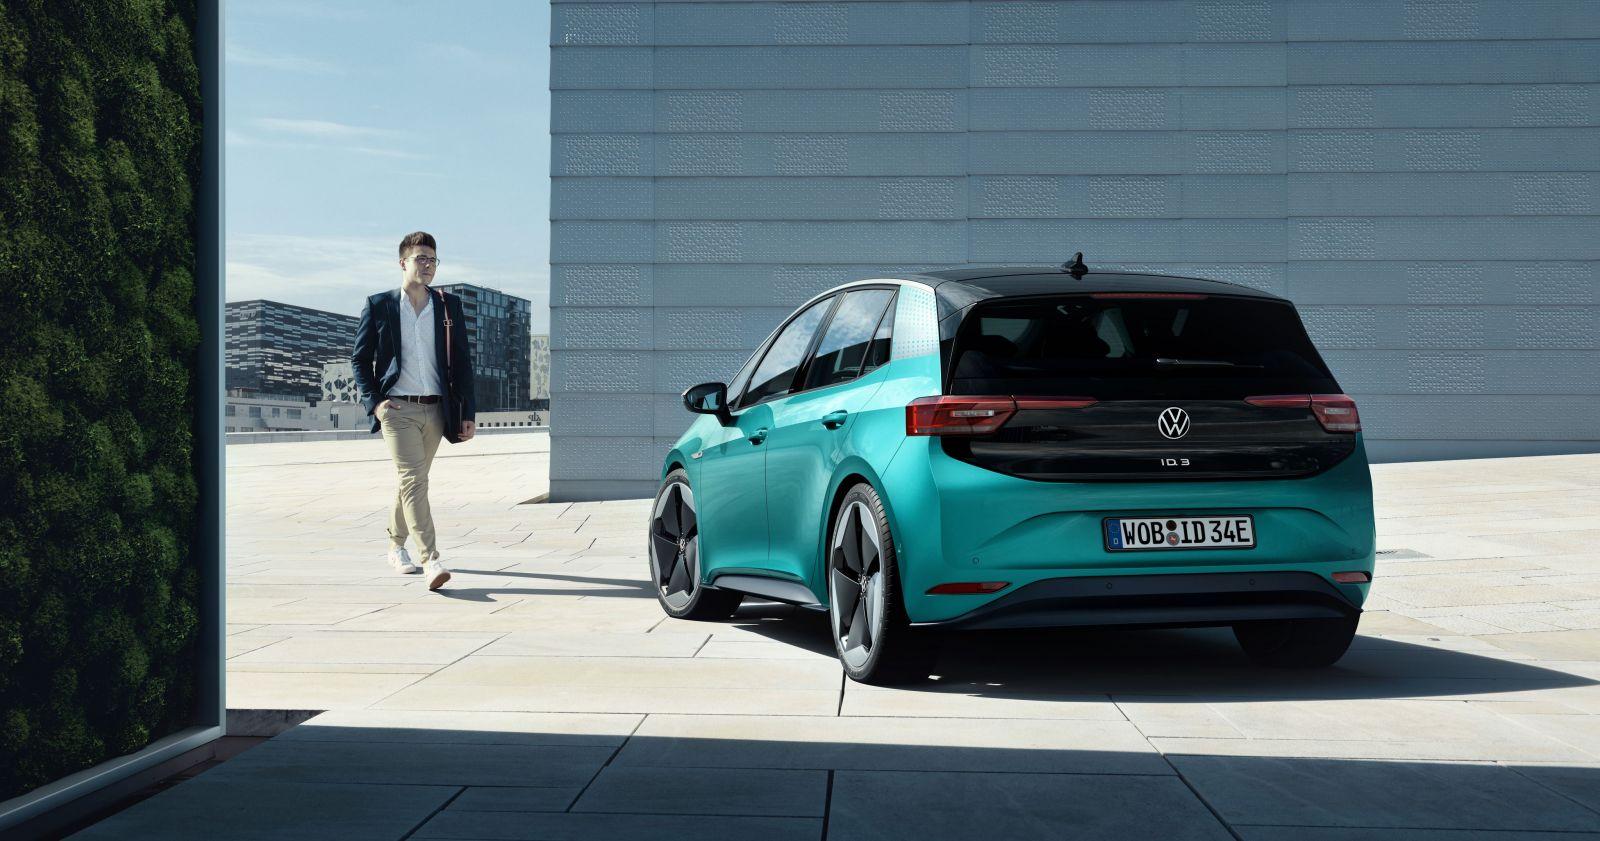 Na slovenský trh vstupuje mimoriadne zaujímavý elektromobil od Volkswagenu. Koľko stojí?